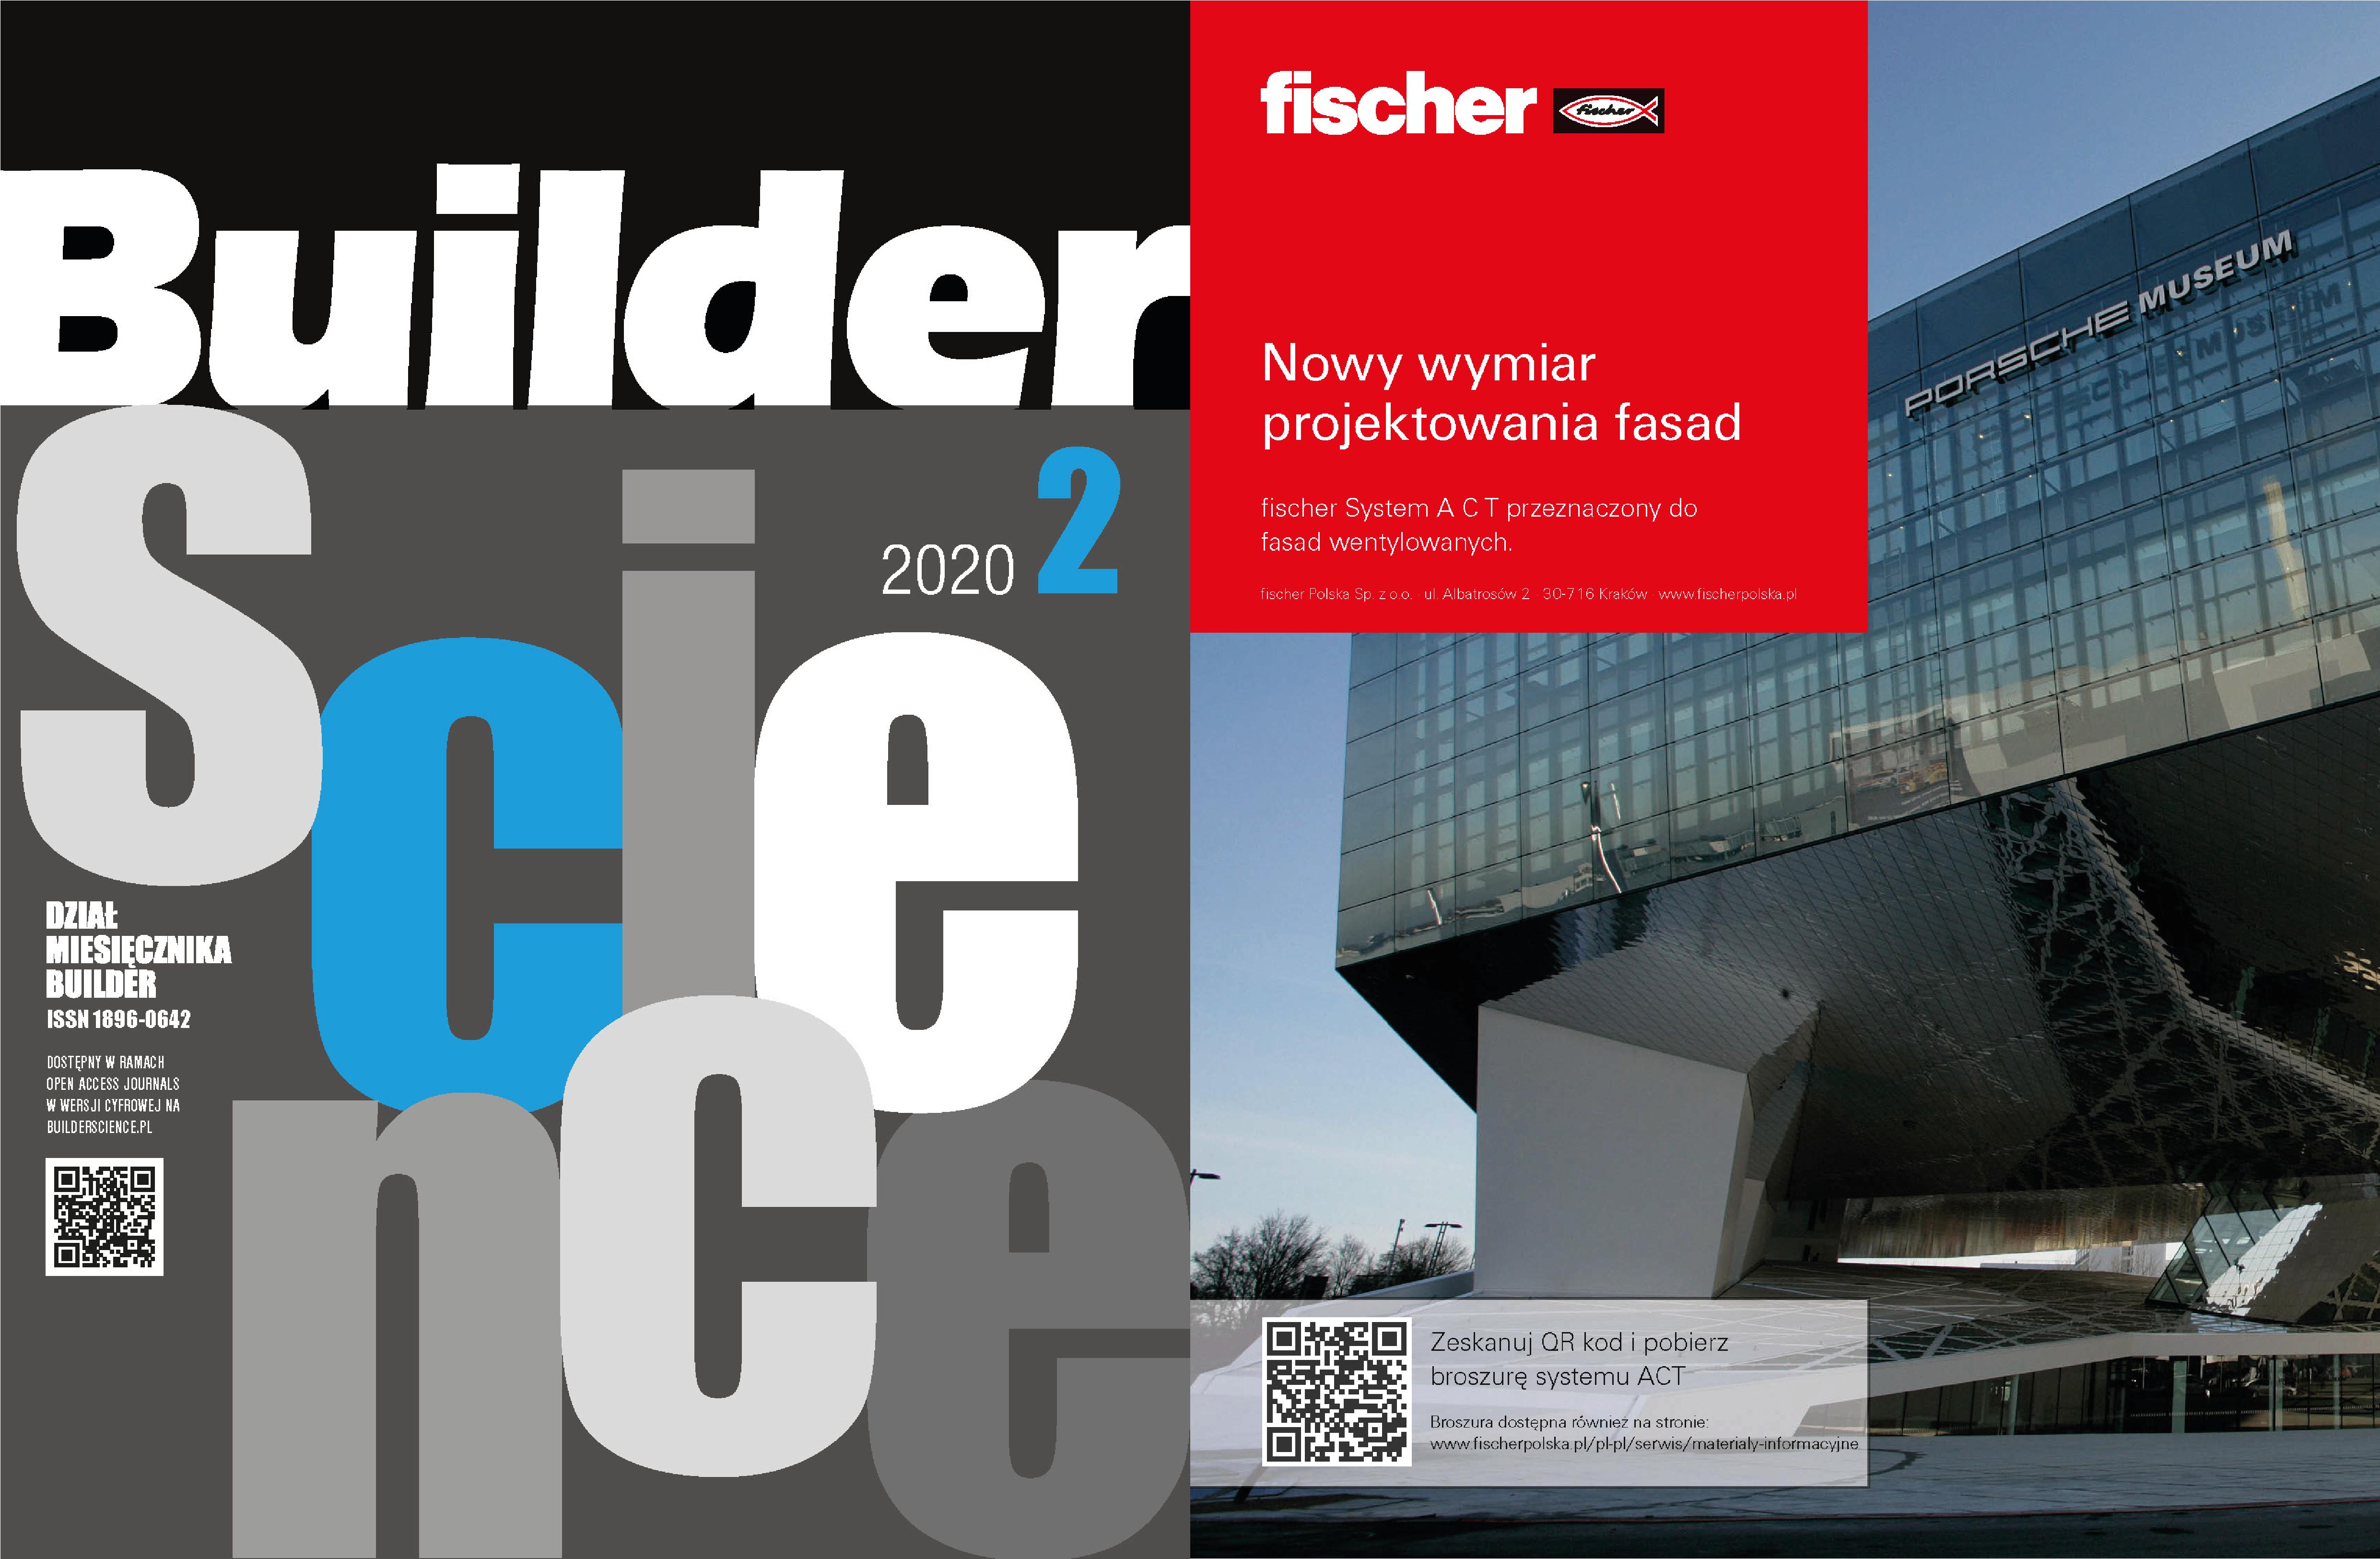 FISCHER POLSKA – PARTNER 2 WYDANIA BUILDER SCIENCE 02/2020